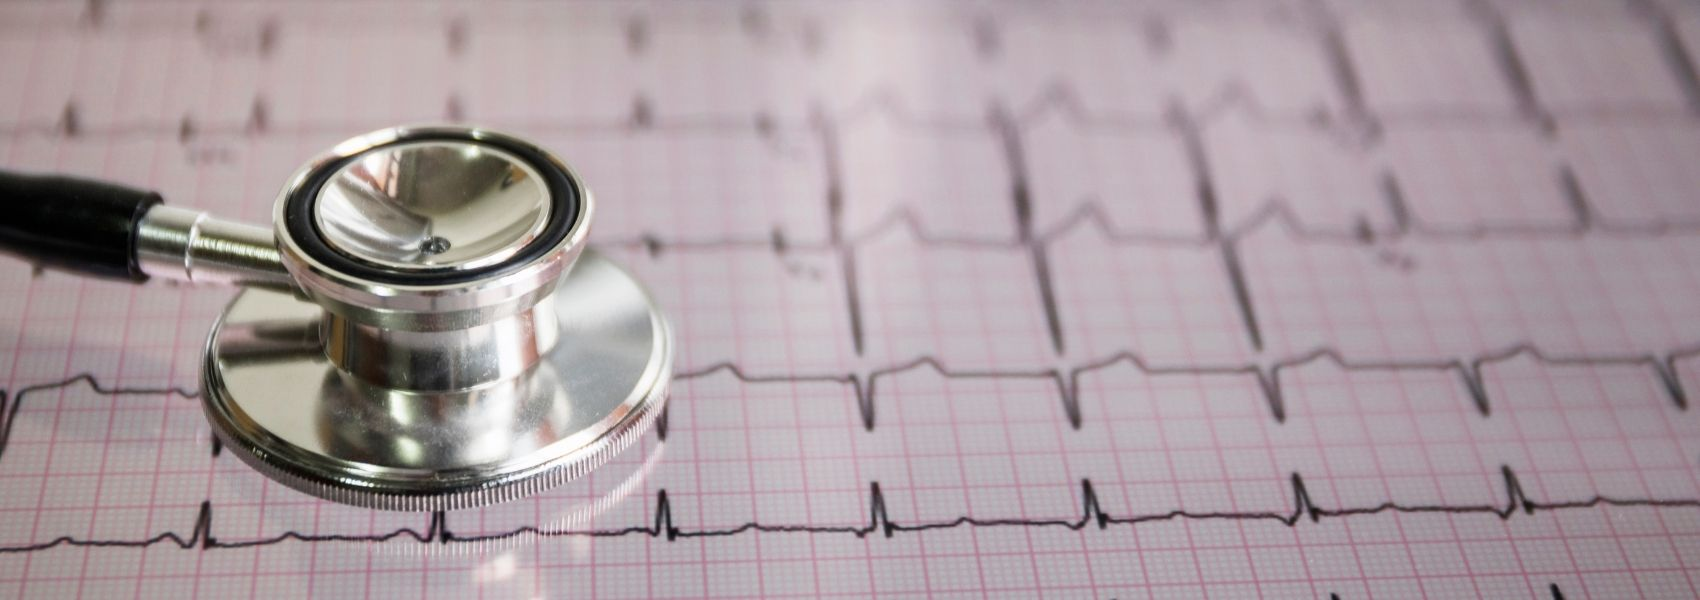 Está confirmado: a pressão arterial alta causa fibrilhação auricular